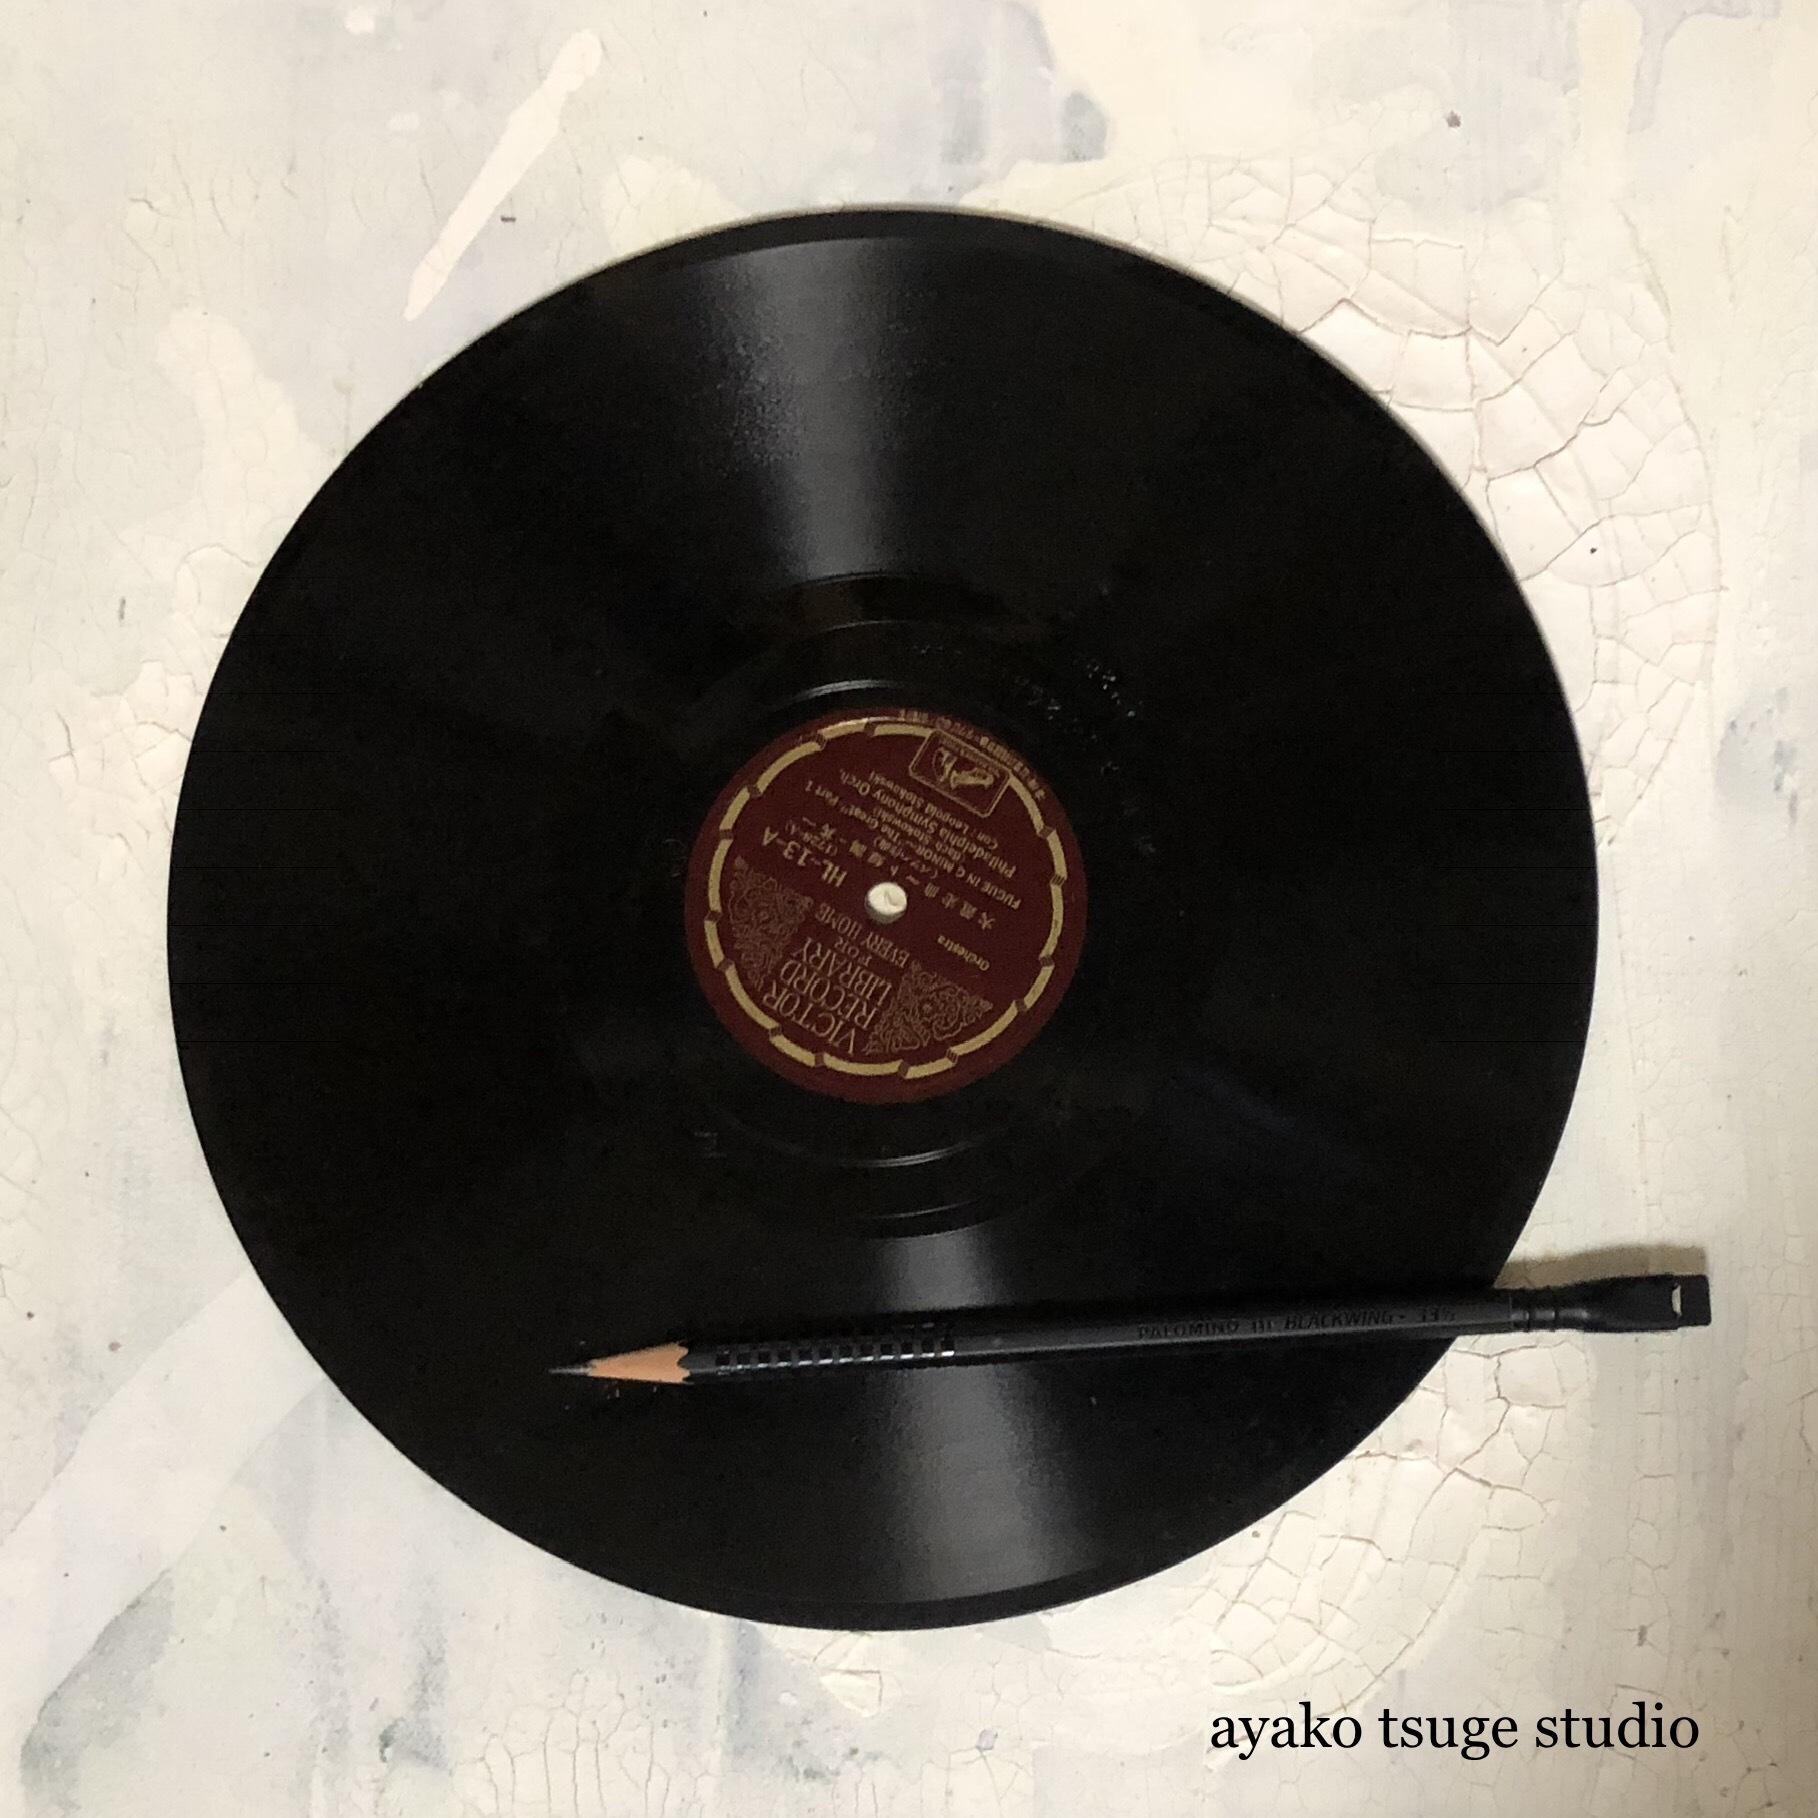 蘇った伝説の鉛筆 BLACK WING 33 1/3  Vinyl リミテッド